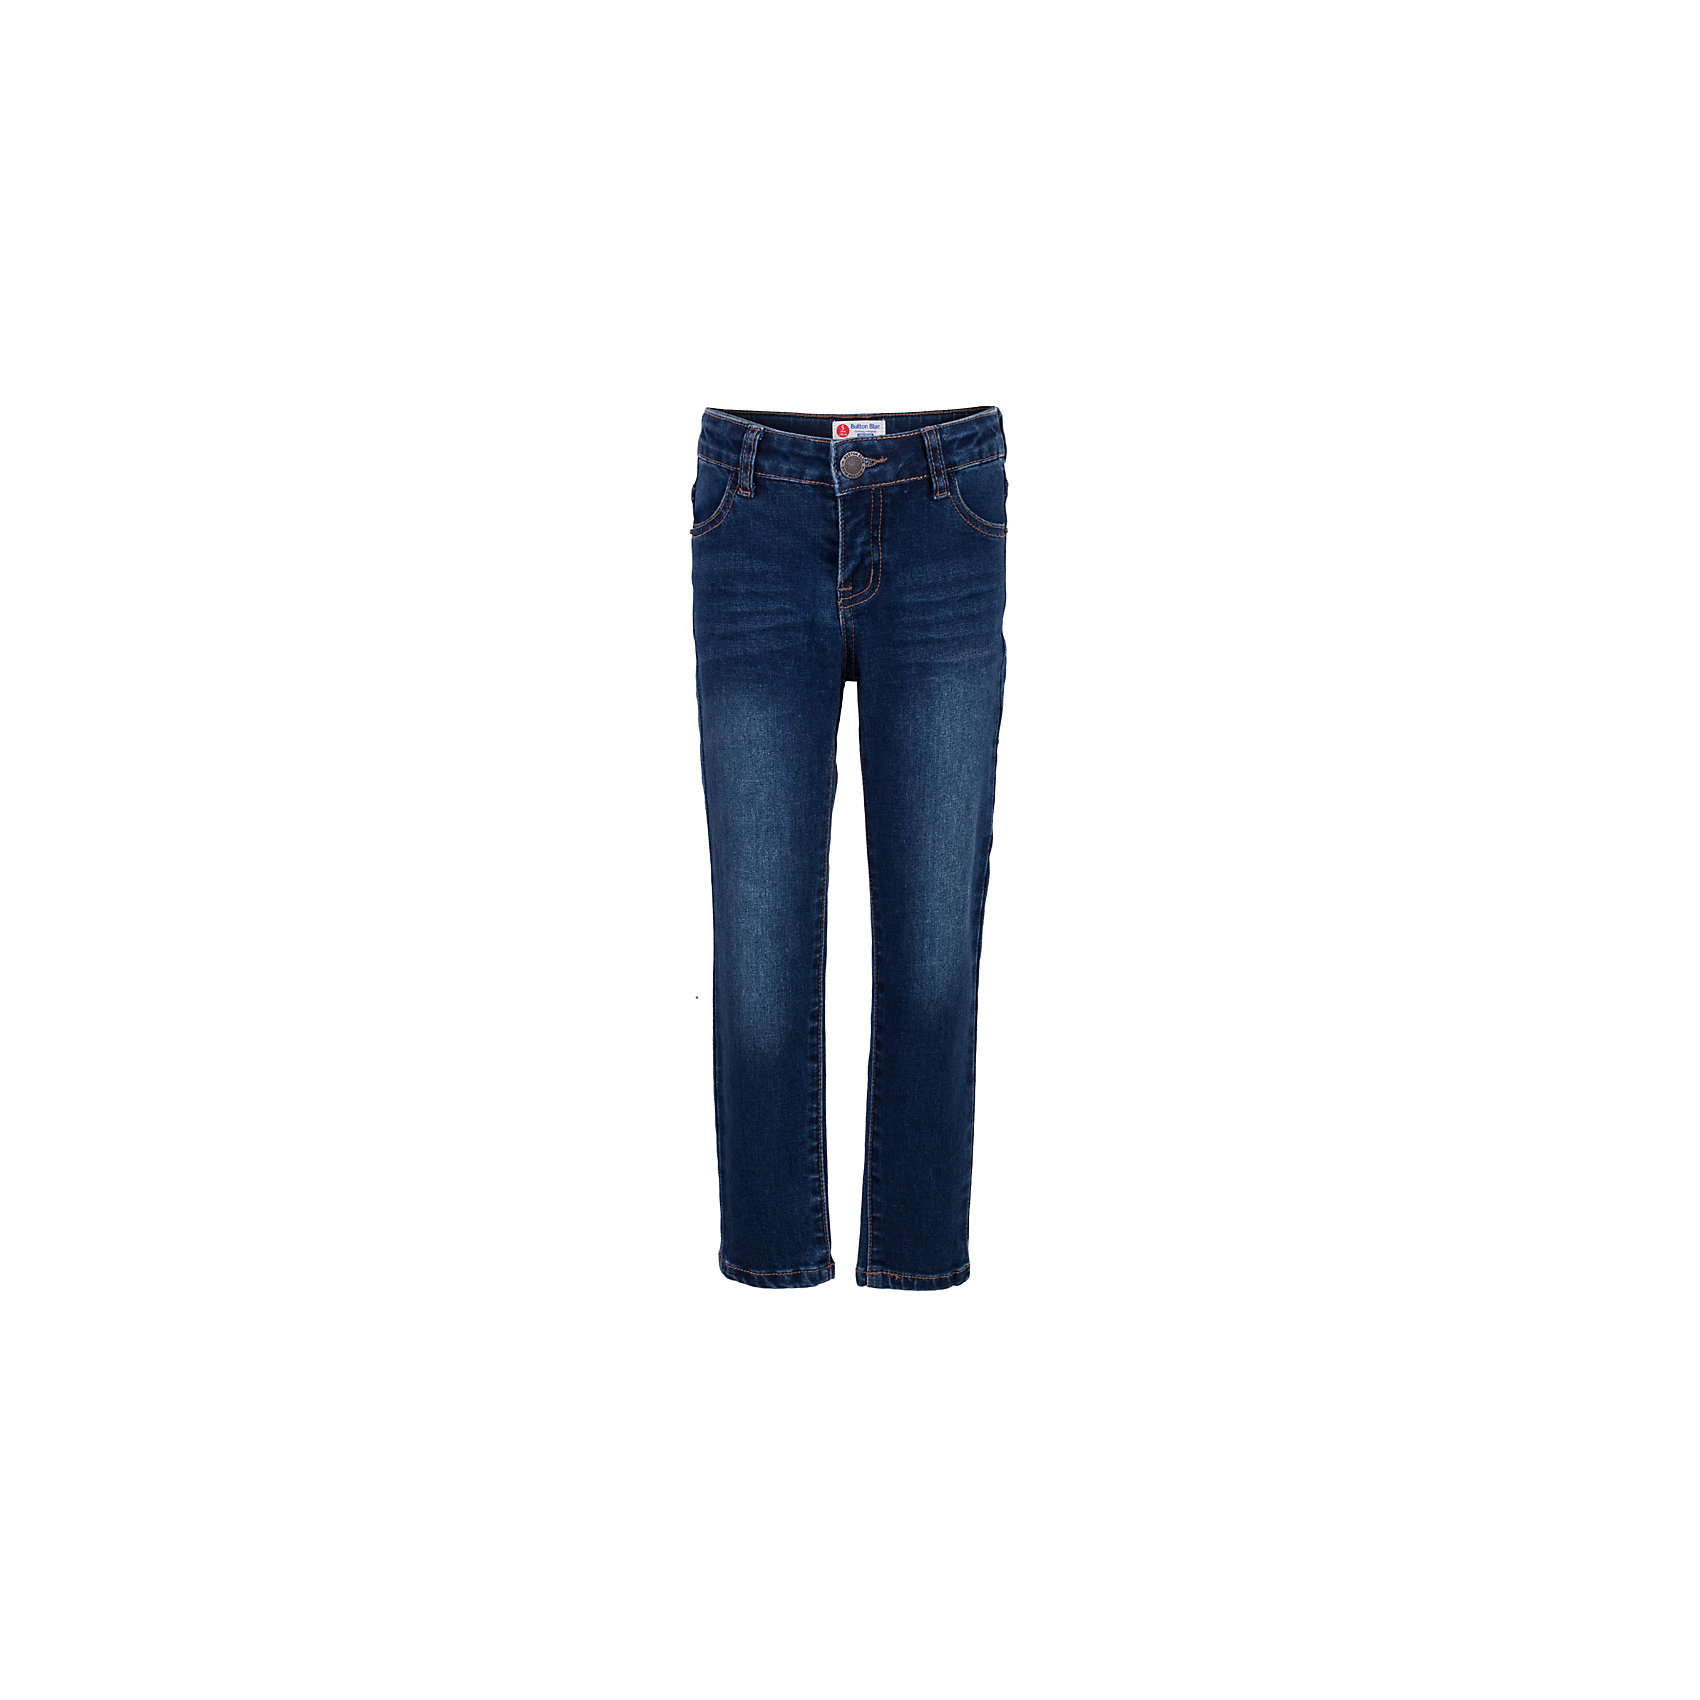 Джинсы для мальчика  BUTTON BLUEДжинсовая одежда<br>Джинсы для мальчика  BUTTON BLUE<br>Классные синие джинсы с потертостями и повреждениями — гарантия модного современного образа! Хороший крой, удобная посадка на фигуре подарят мальчику комфорт и свободу движений. Если вы хотите купить ребенку недорогие модные зауженные джинсы, модель от Button Blue - прекрасный выбор!<br>Состав:<br>75% хлопок 23%полиэстер 2%эластан<br><br>Ширина мм: 215<br>Глубина мм: 88<br>Высота мм: 191<br>Вес г: 336<br>Цвет: синий<br>Возраст от месяцев: 84<br>Возраст до месяцев: 96<br>Пол: Мужской<br>Возраст: Детский<br>Размер: 128,134,140,146,152,158,98,104,110,116,122<br>SKU: 5524710